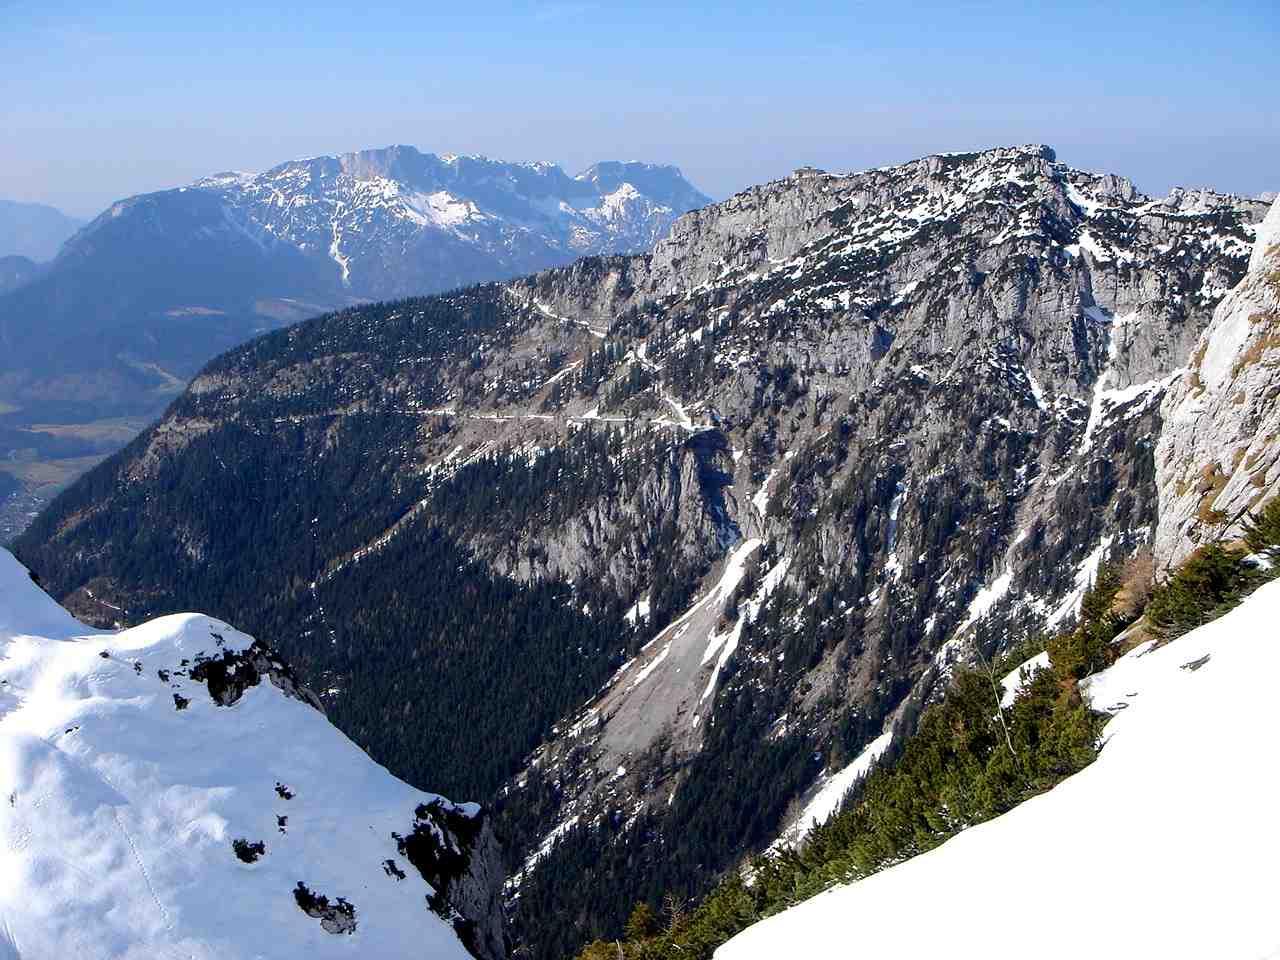 Foto: Manfred Karl / Ski Tour / Hoher Göll, 2522m / Untersberg - Kehlstein / 18.05.2007 06:37:05